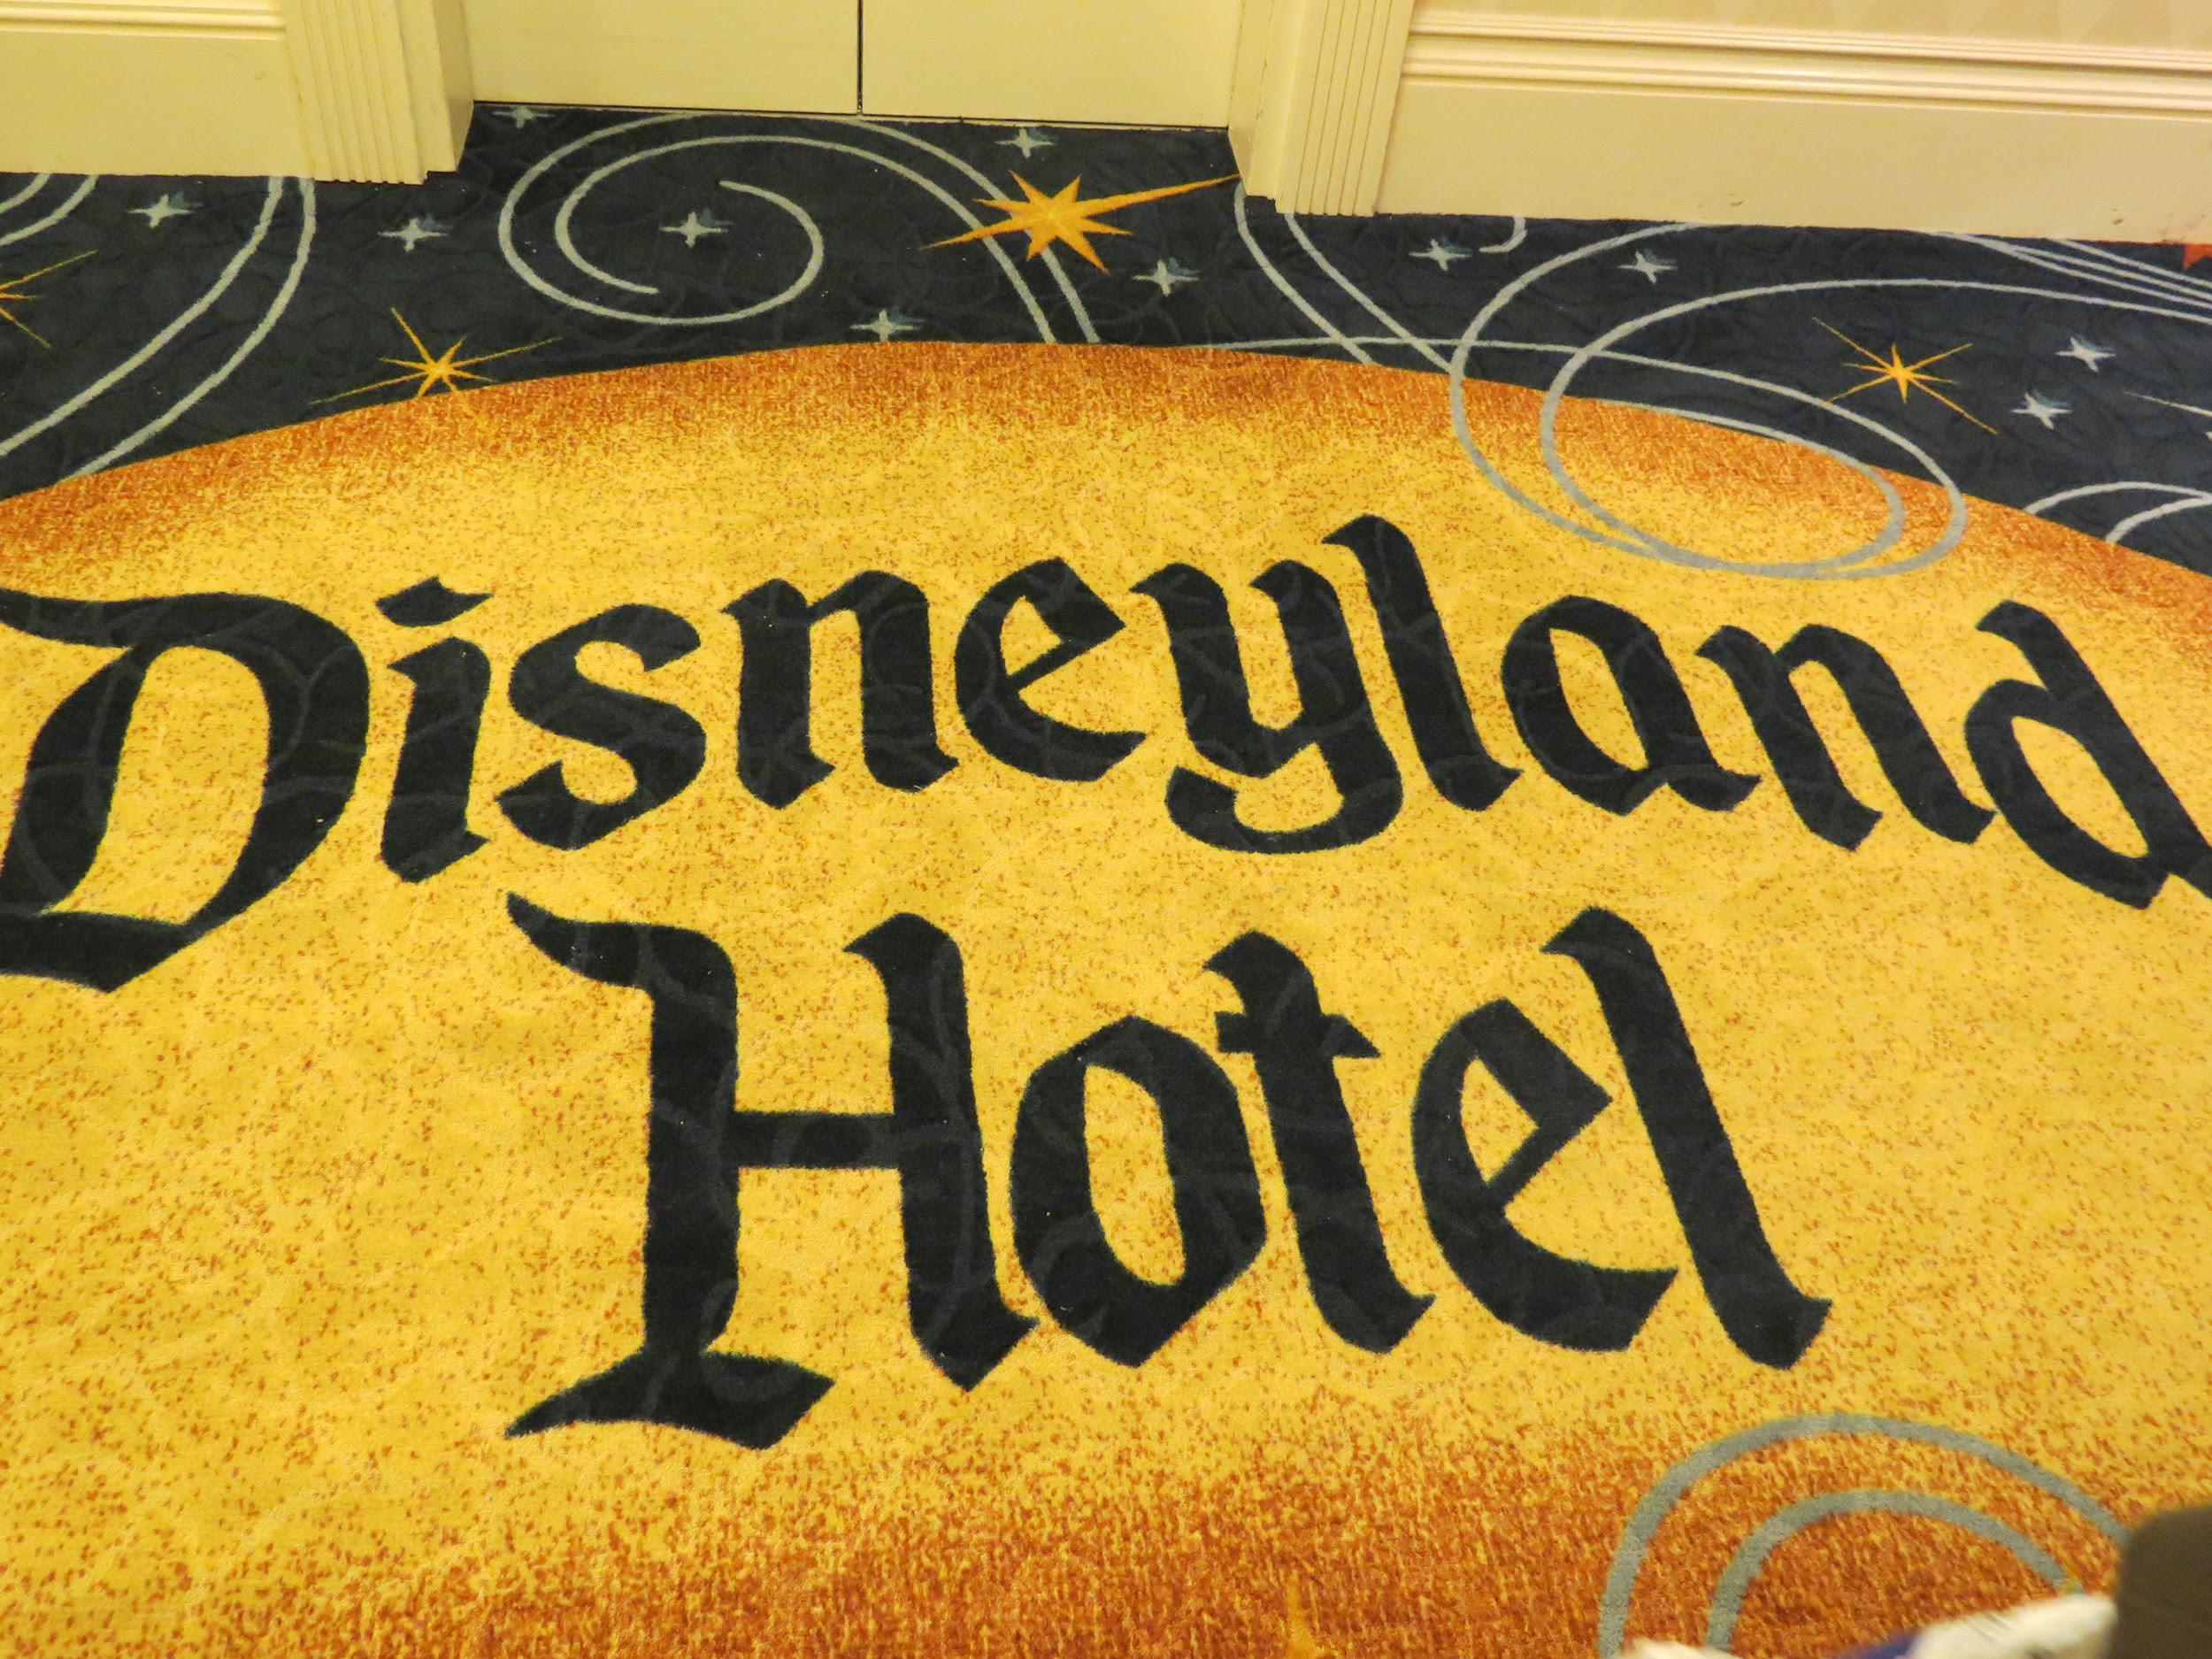 Costco Travel Disneyland Package Perks 2018  Life in